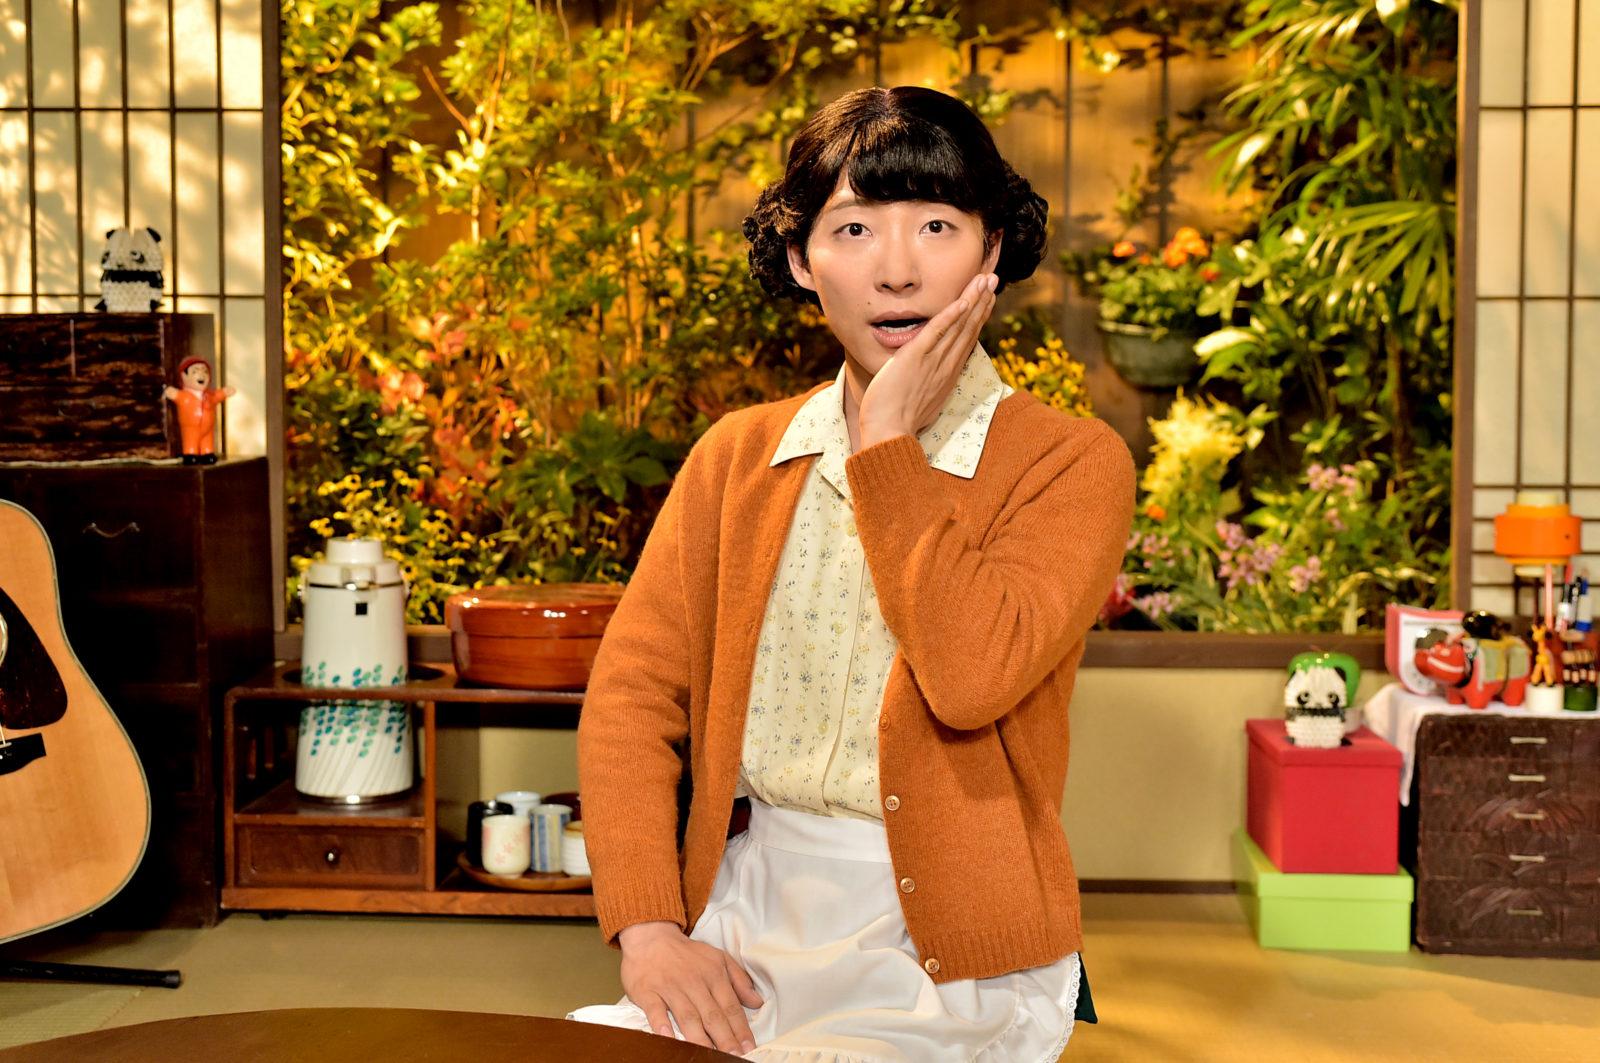 """明日放送の「SONGSスペシャル 星野源」に4ヵ月ぶりのTV出演となる""""おげんさん""""が登場サムネイル画像"""